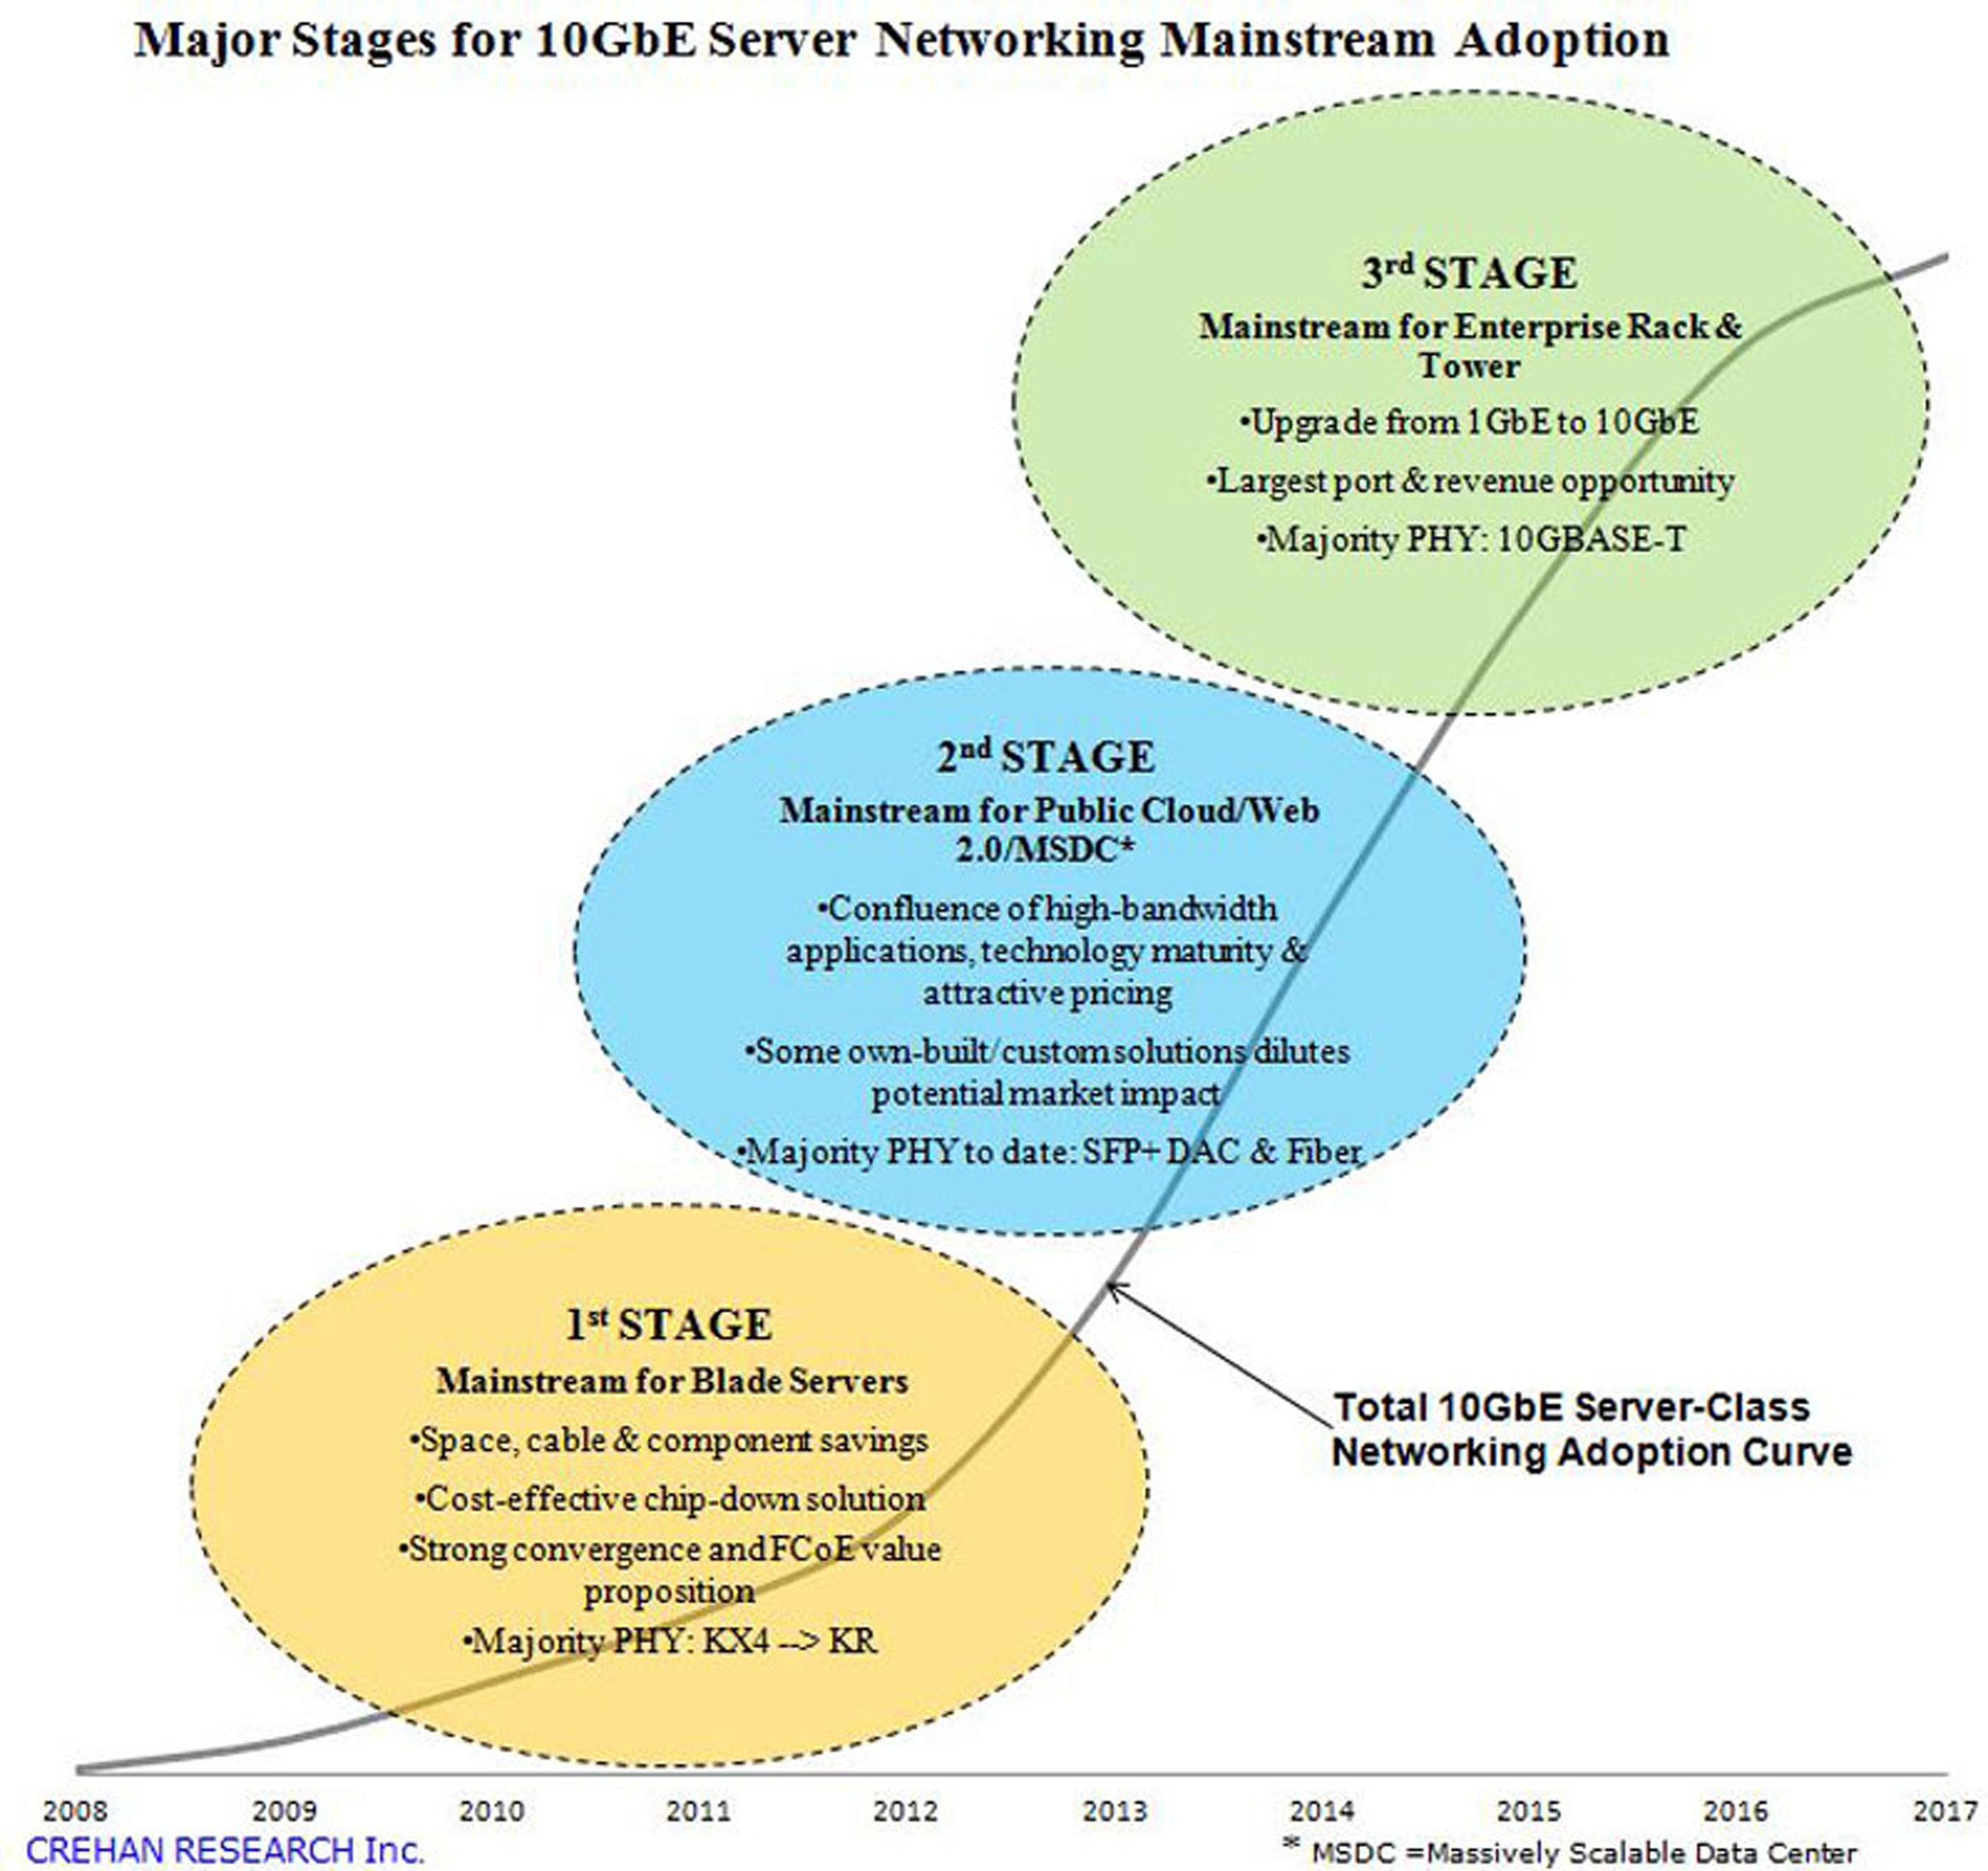 10 Gigabit Ethernet (10GbE) Enters Next Major Stage of Volume Server Adoption